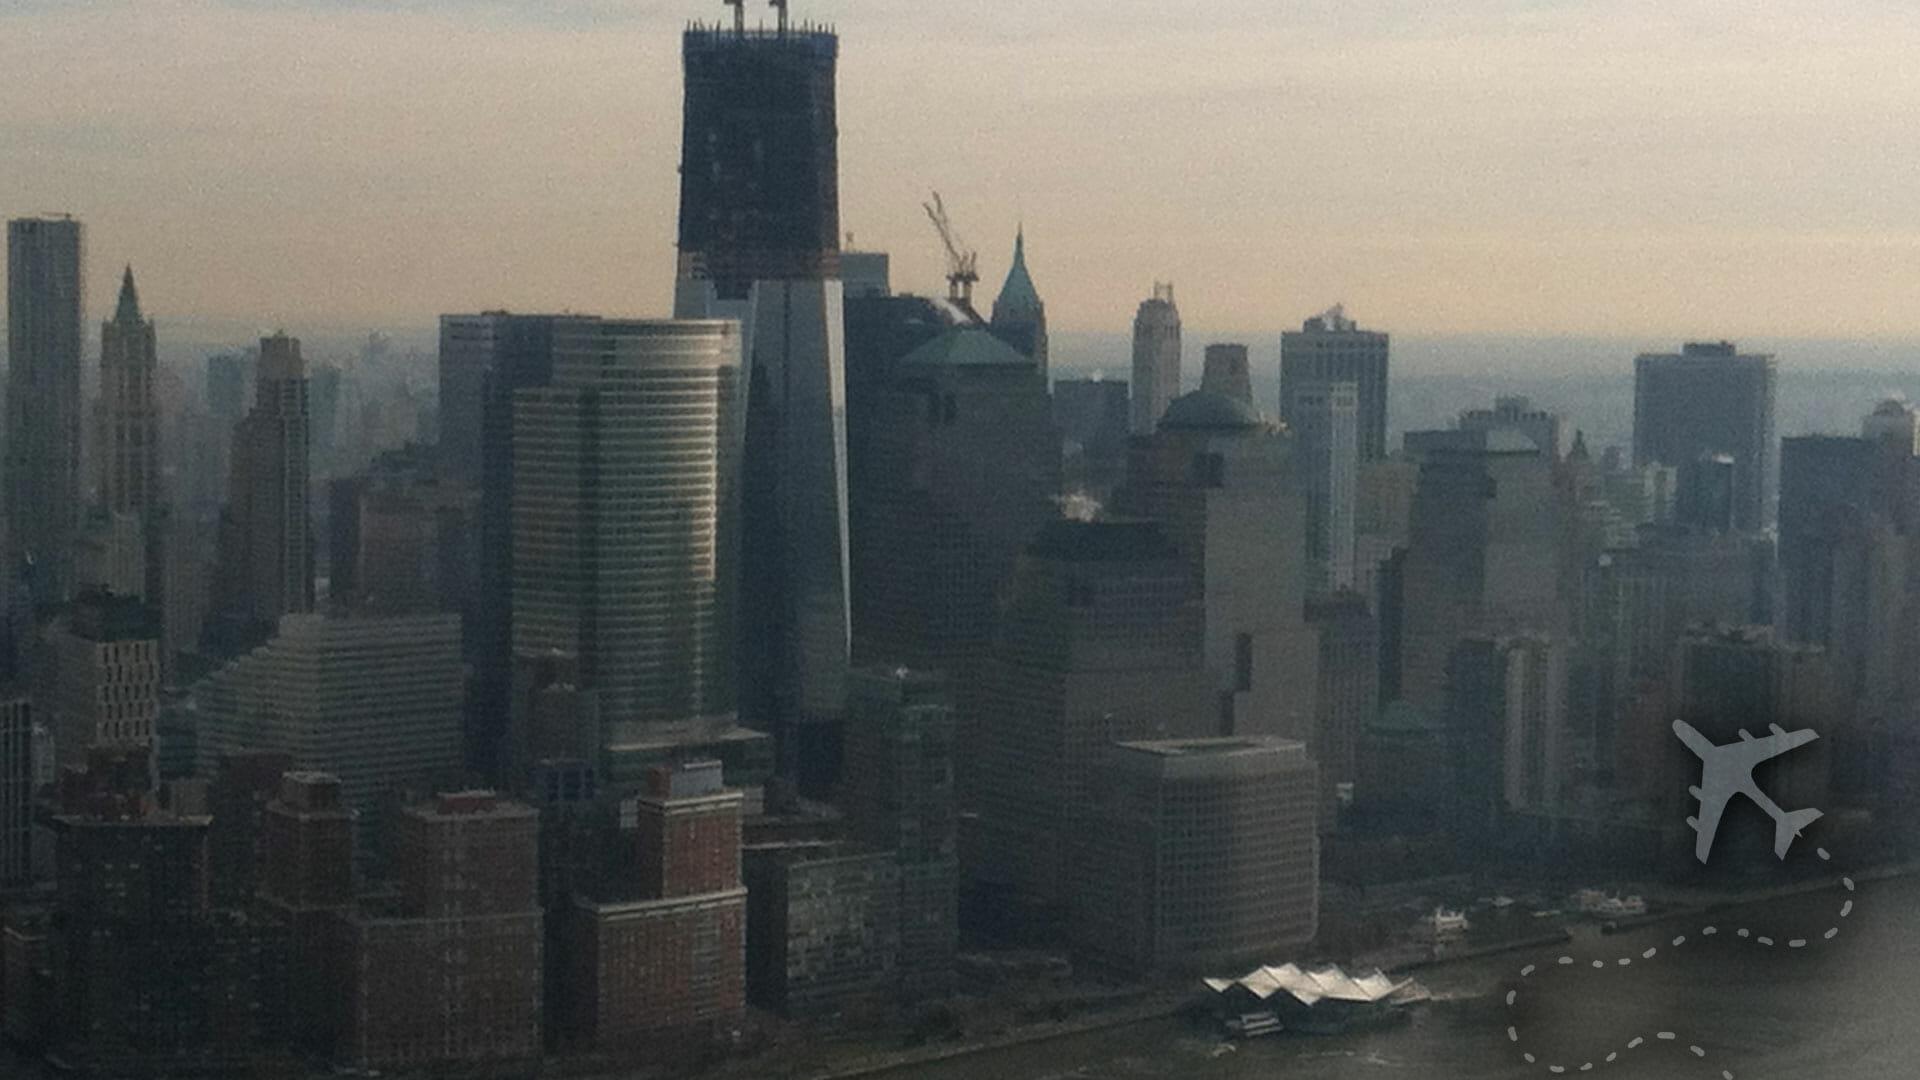 Ground Zero in NYC